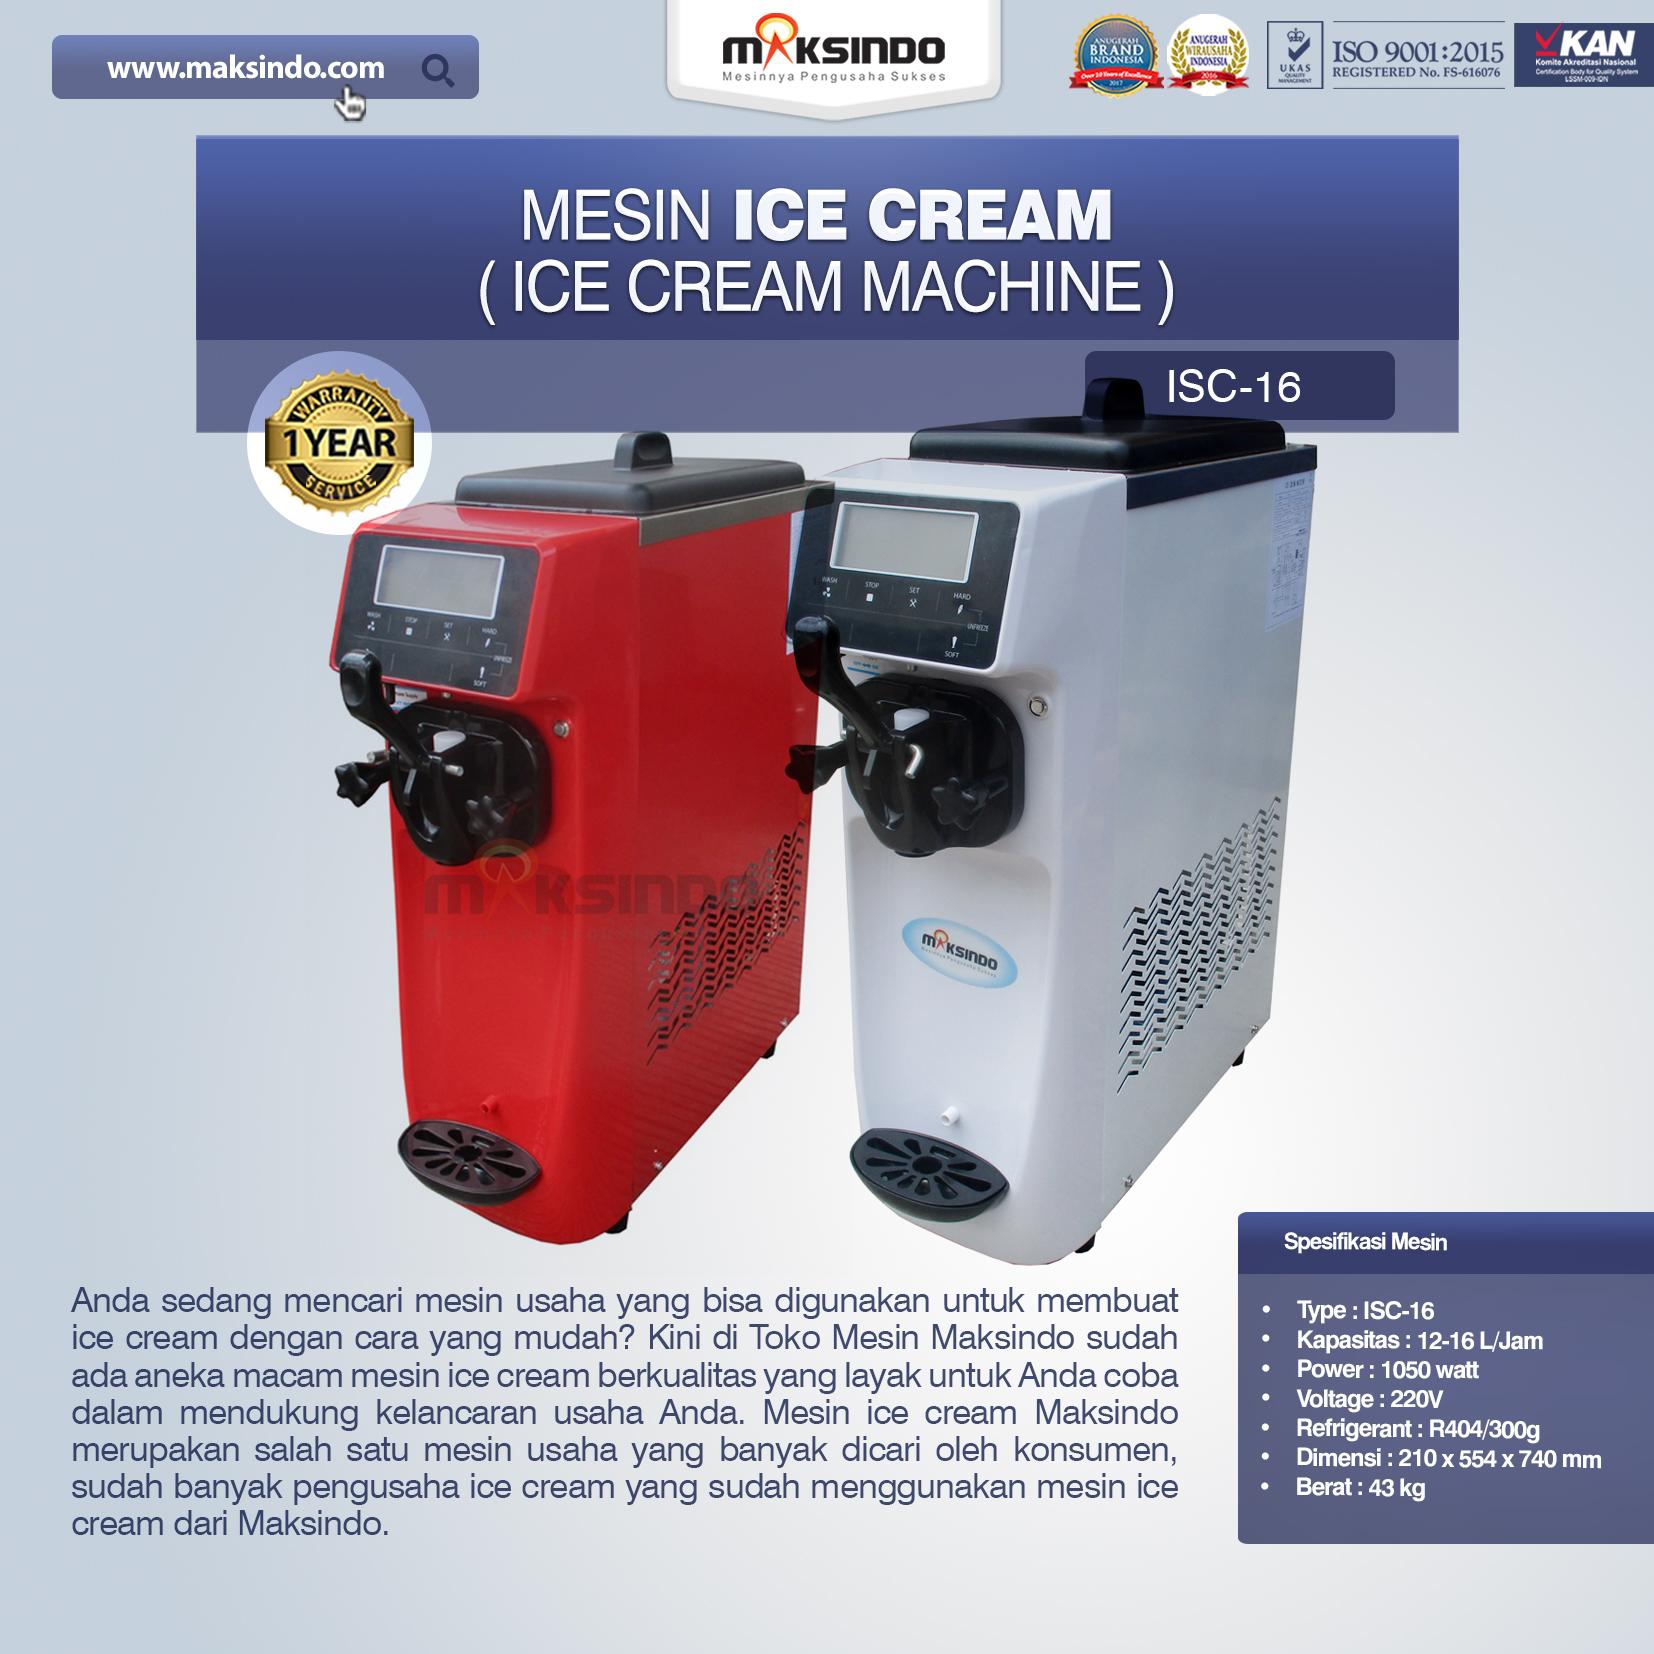 Jual Mesin Es Krim (Ice Cream Machine) ISC-16 di Pekanbaru